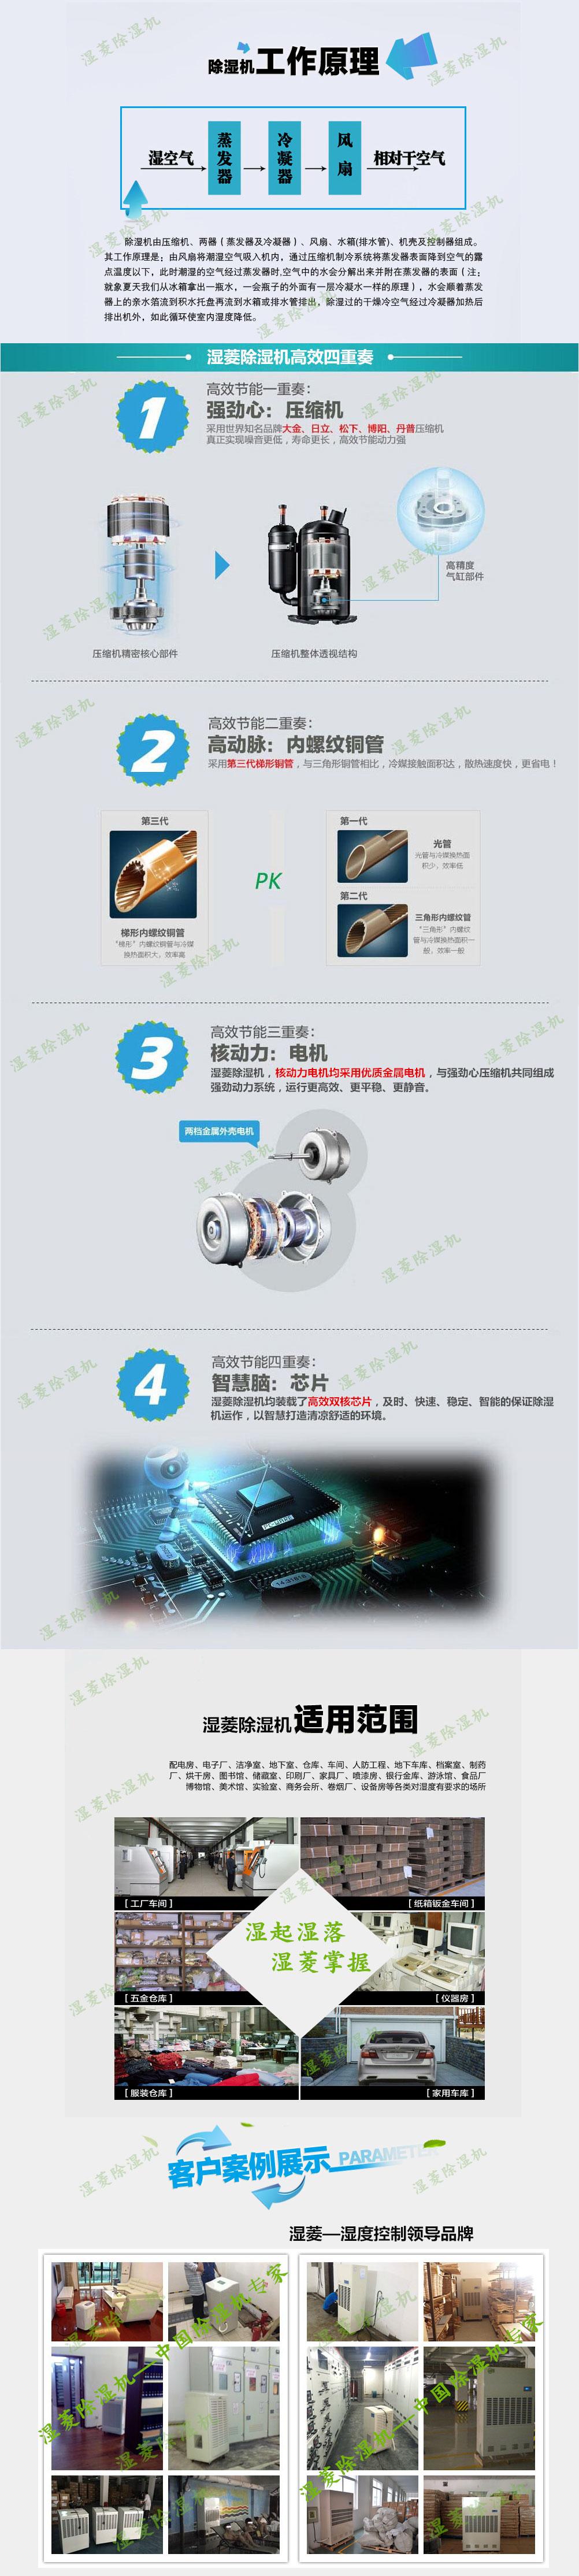 工业除湿机SL-9200C